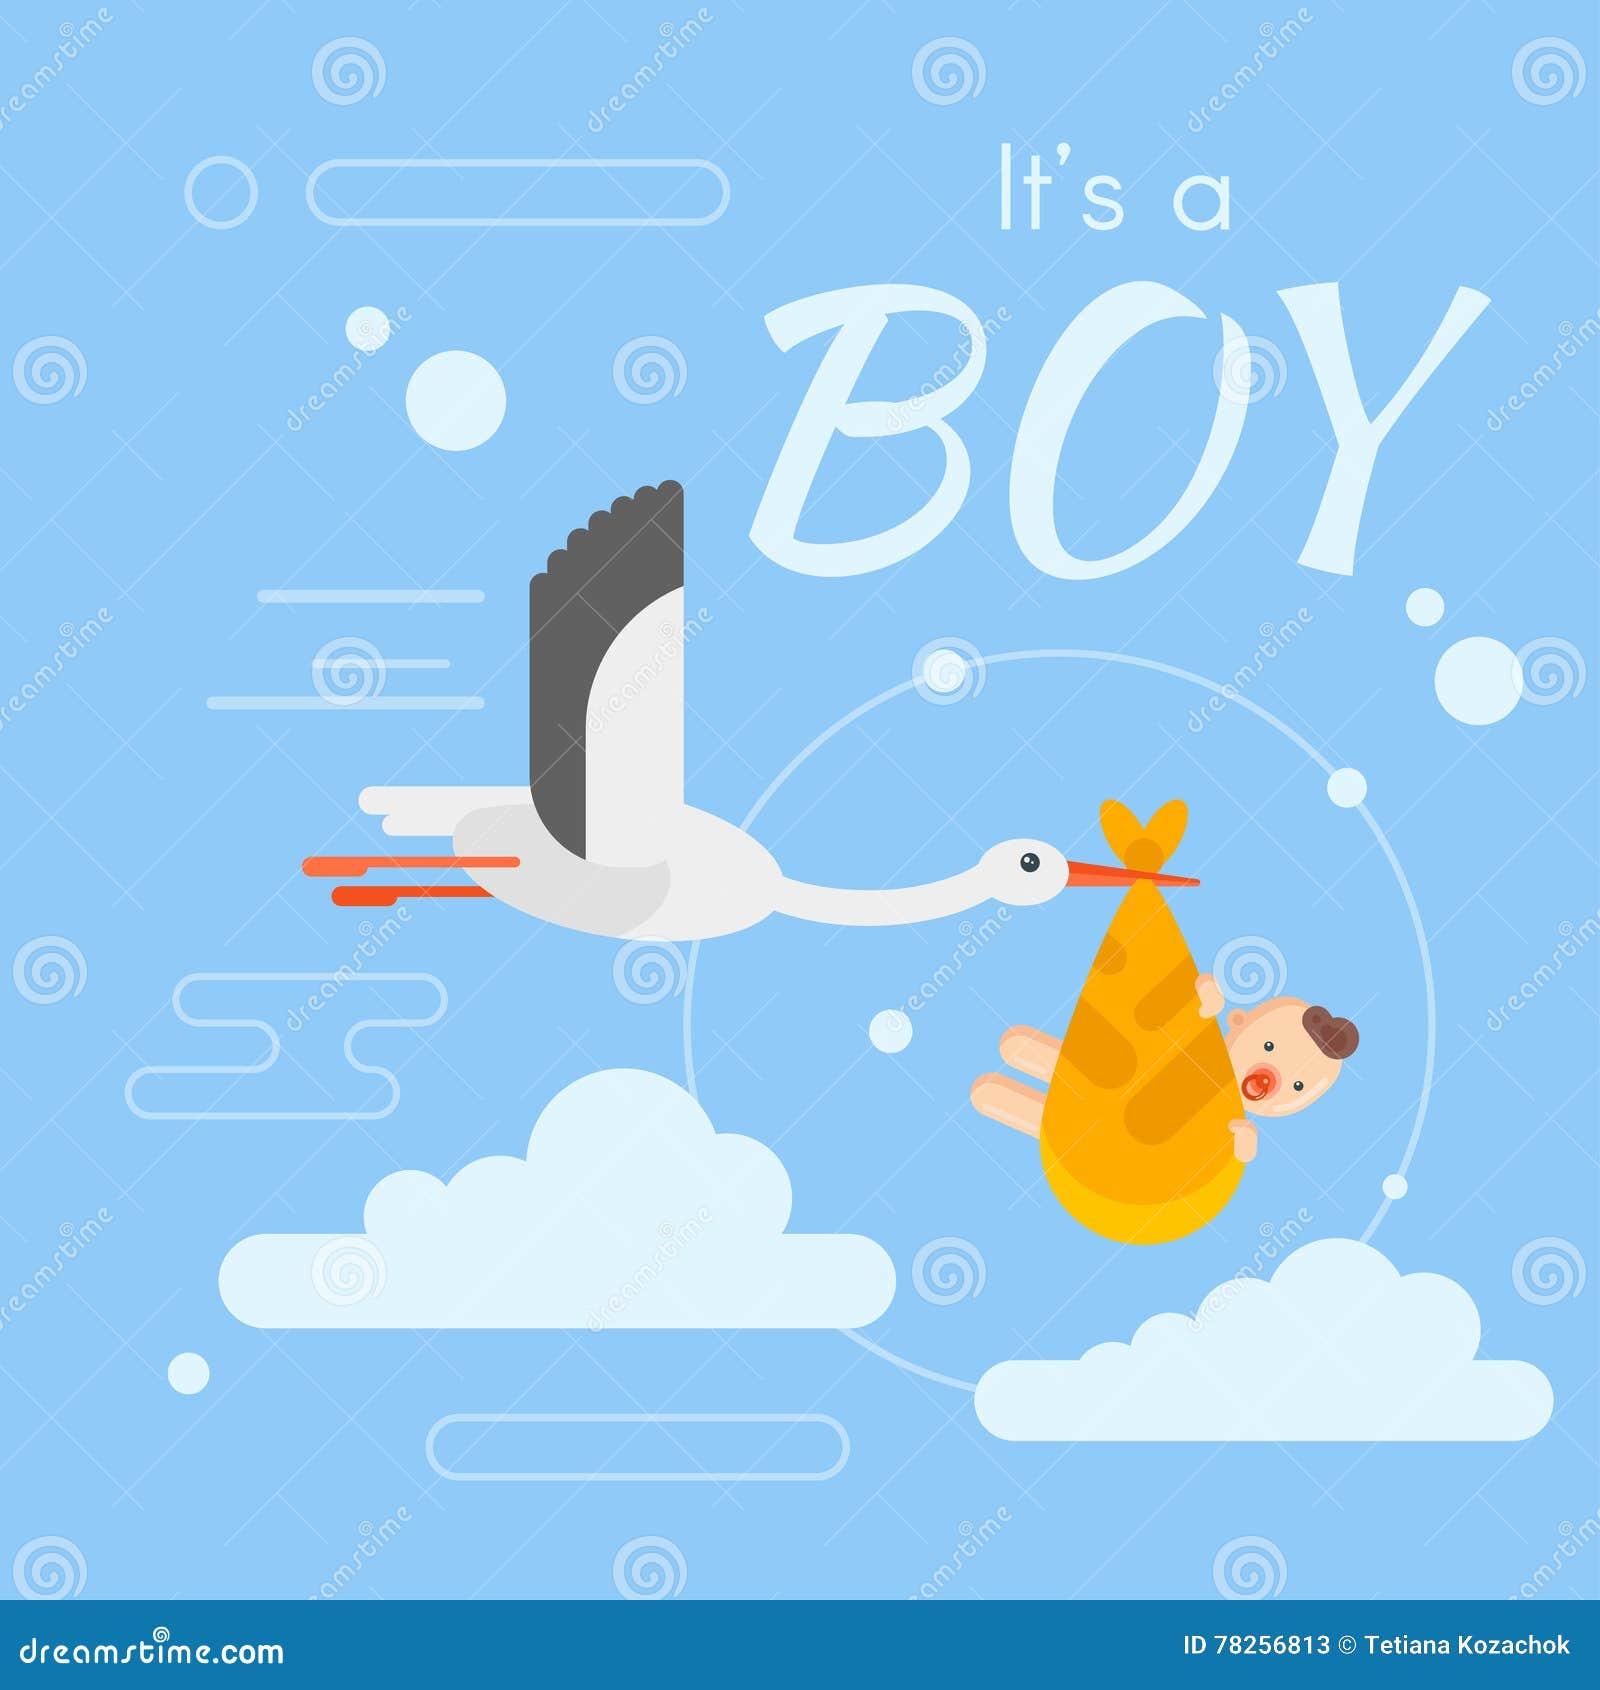 Διανυσματική επίπεδη απεικόνιση ύφους του πελαργού που φροντίζει ένα νεογέννητο μωρό